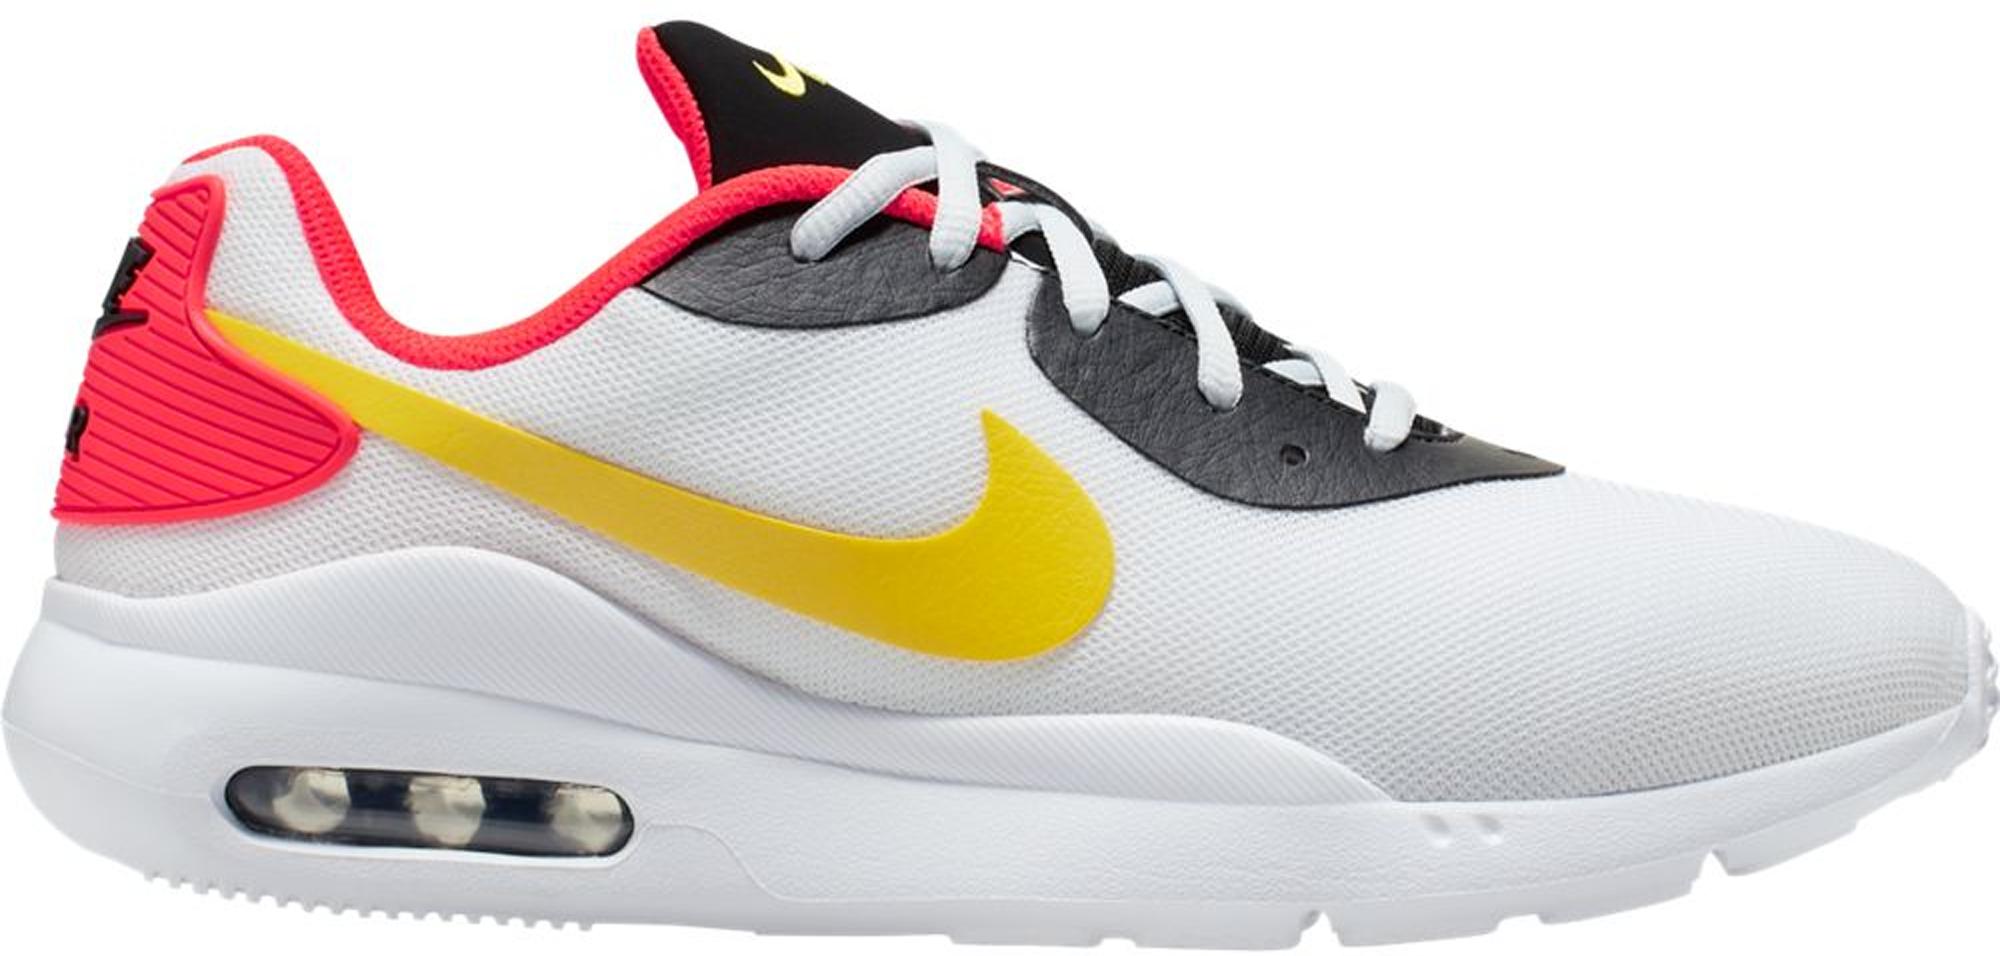 Nike Air Max Oketo White Chrome Yellow